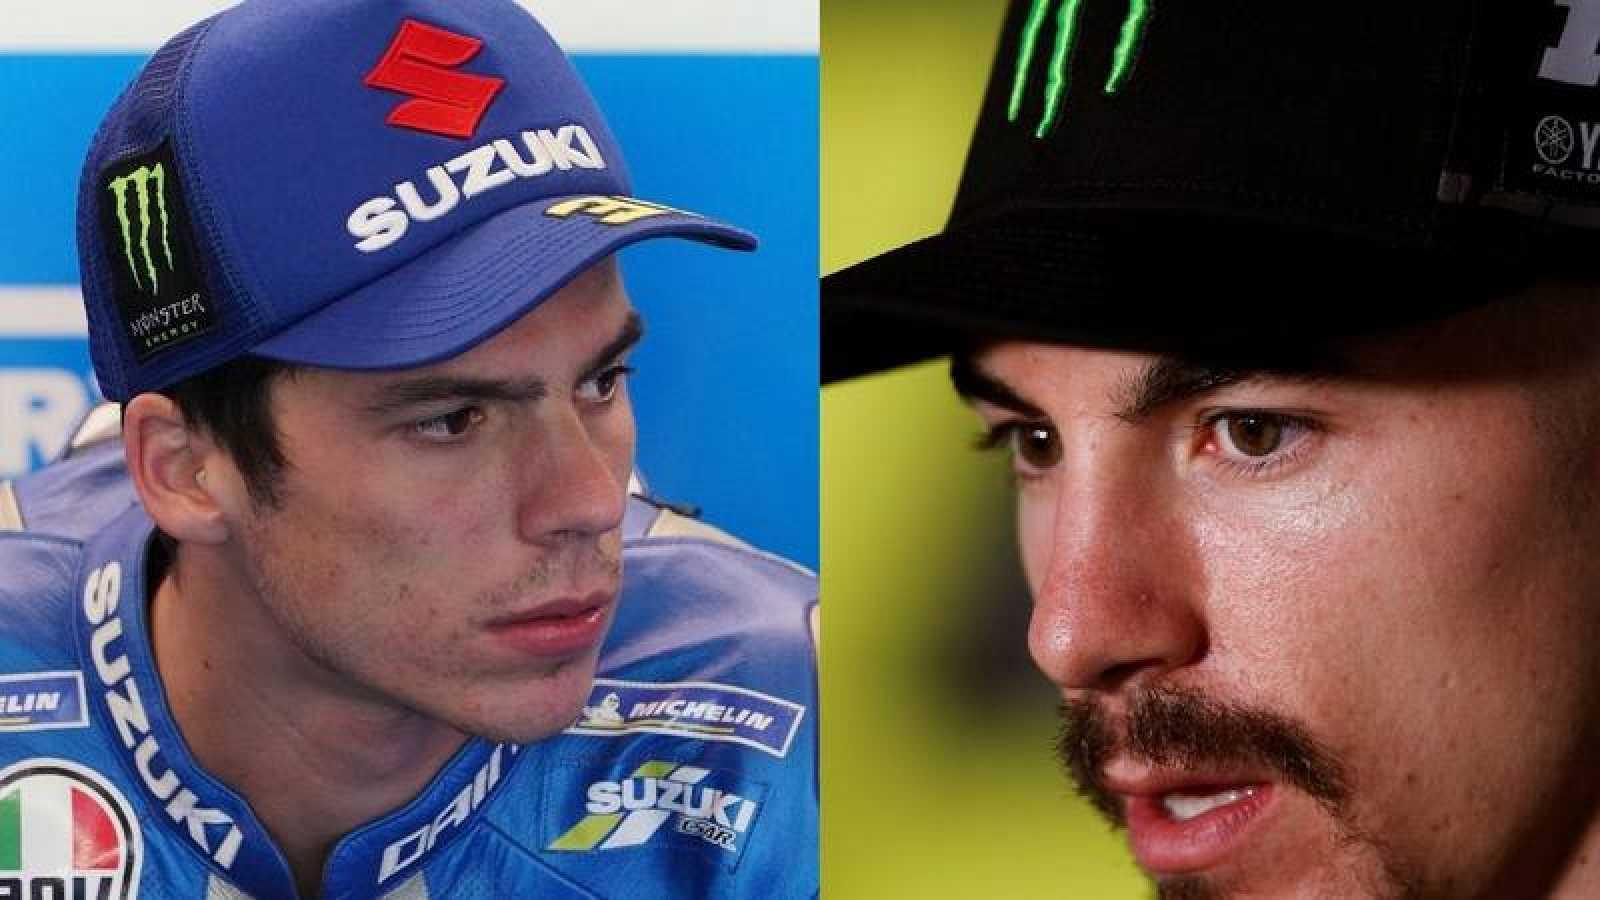 Los pilotos españoles de MotoGP Joan Mir y Maverick Viñales, favoritos en el GP de Aragón 2020.